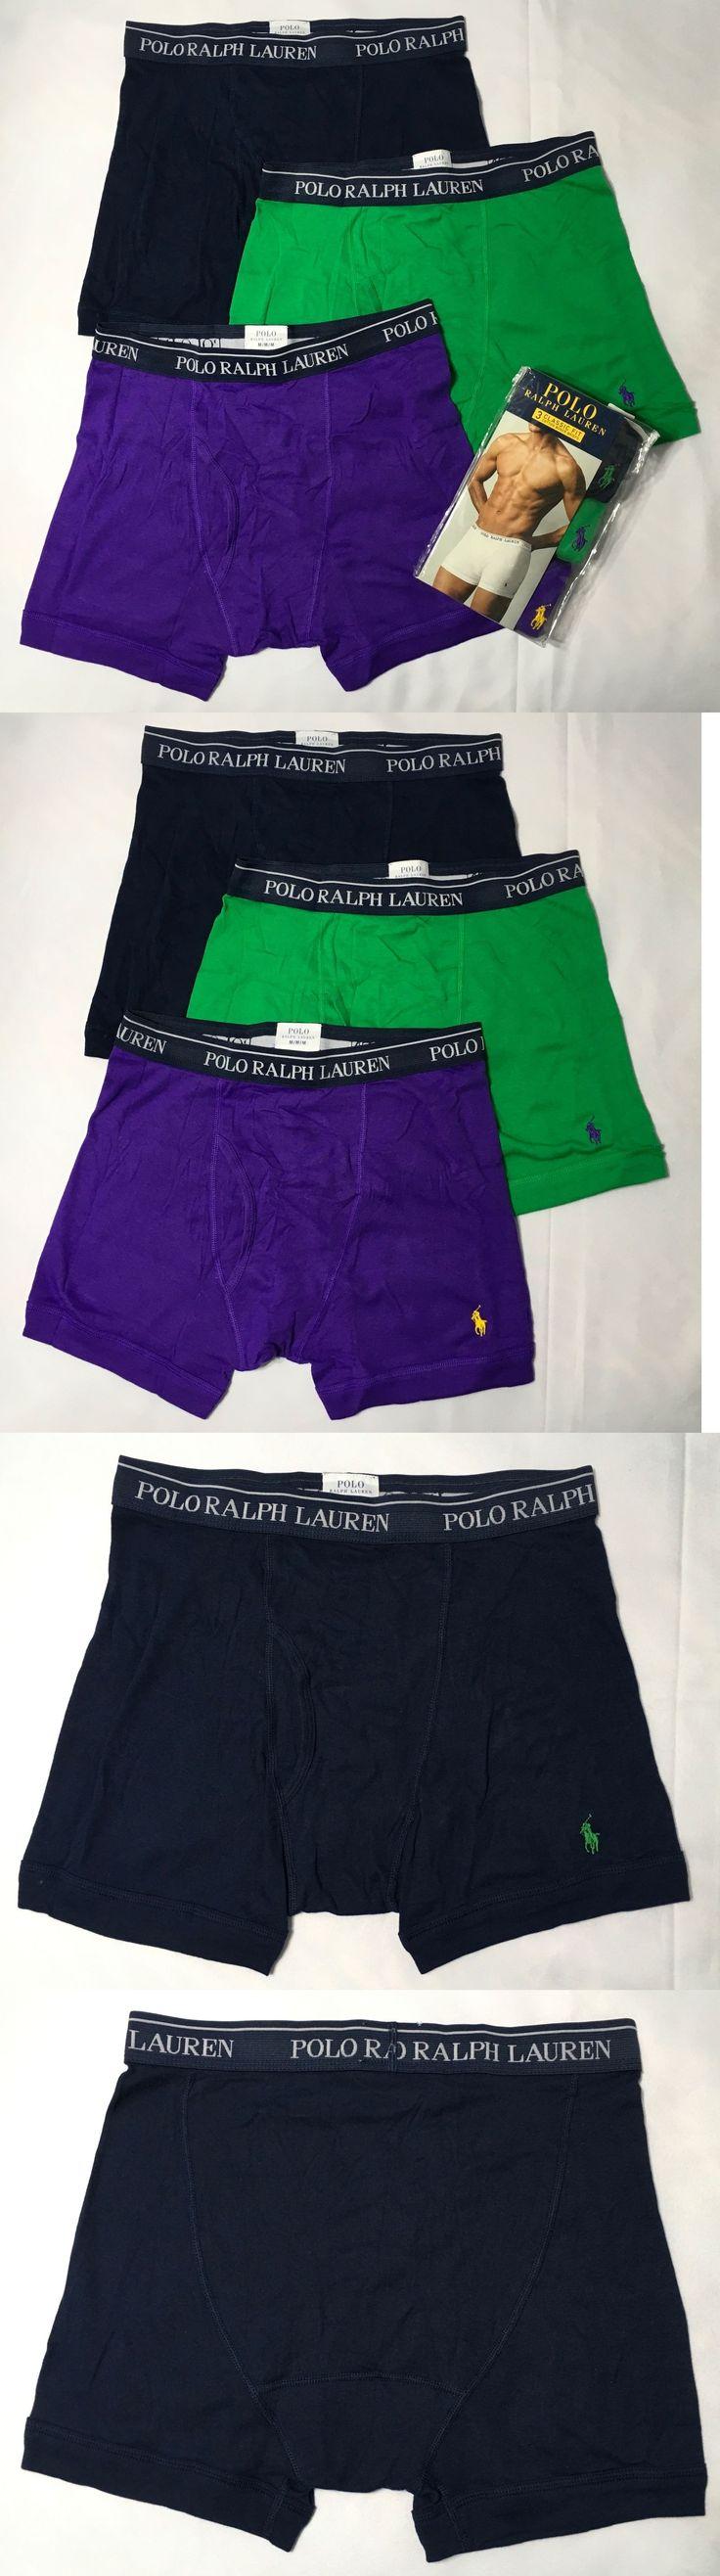 Underwear 11507: Pack 3 Polo Ralph Lauren Men Classic Fit Boxer Briefs Soft Cotton Sz M L Xl -> BUY IT NOW ONLY: $31.95 on eBay!